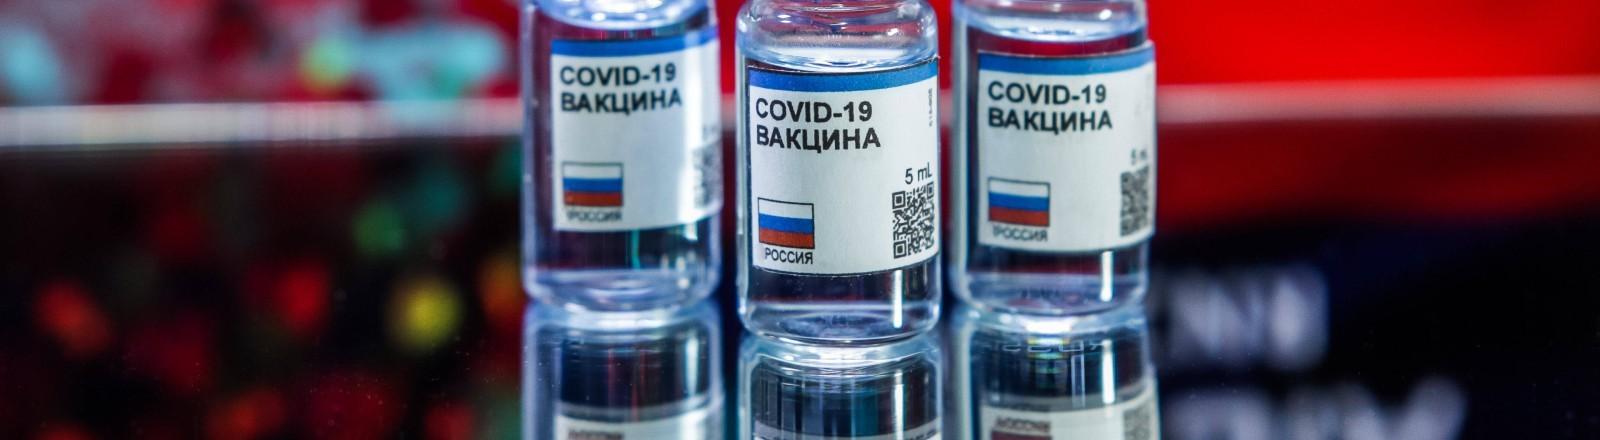 Drei kleine Fläschchen Impfstoff vor einer russischen Flagge